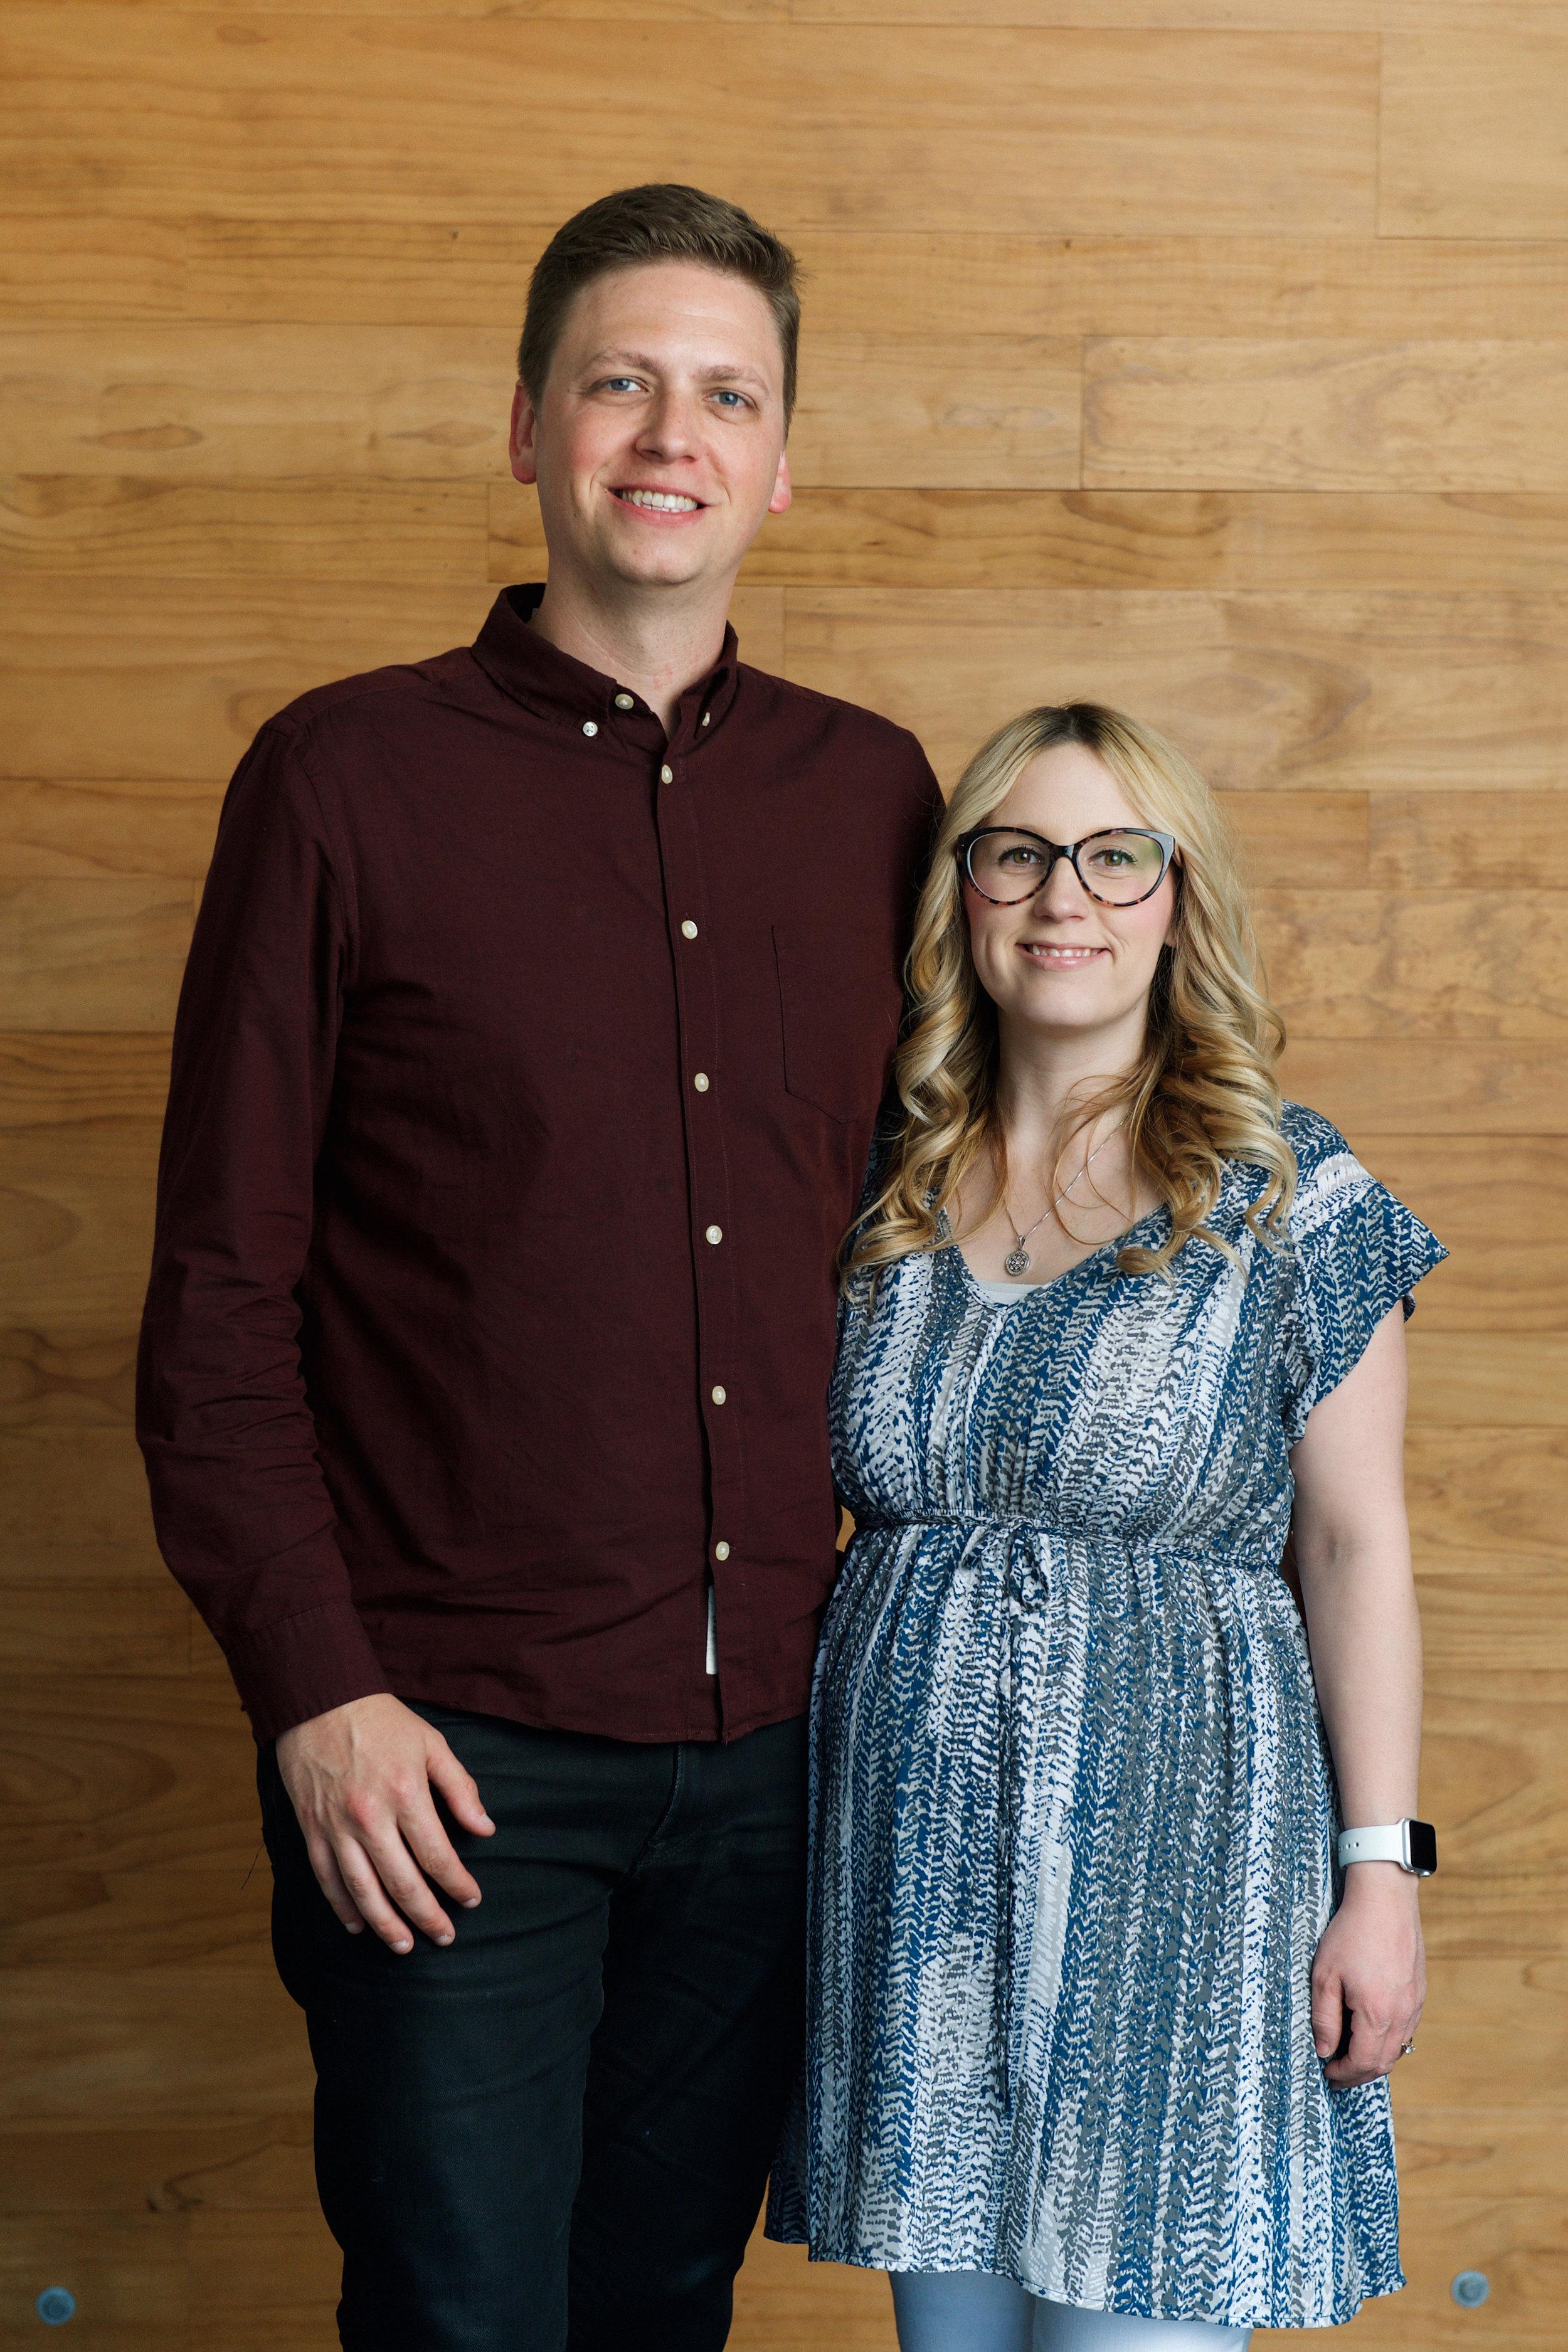 Matt & Heather Bell